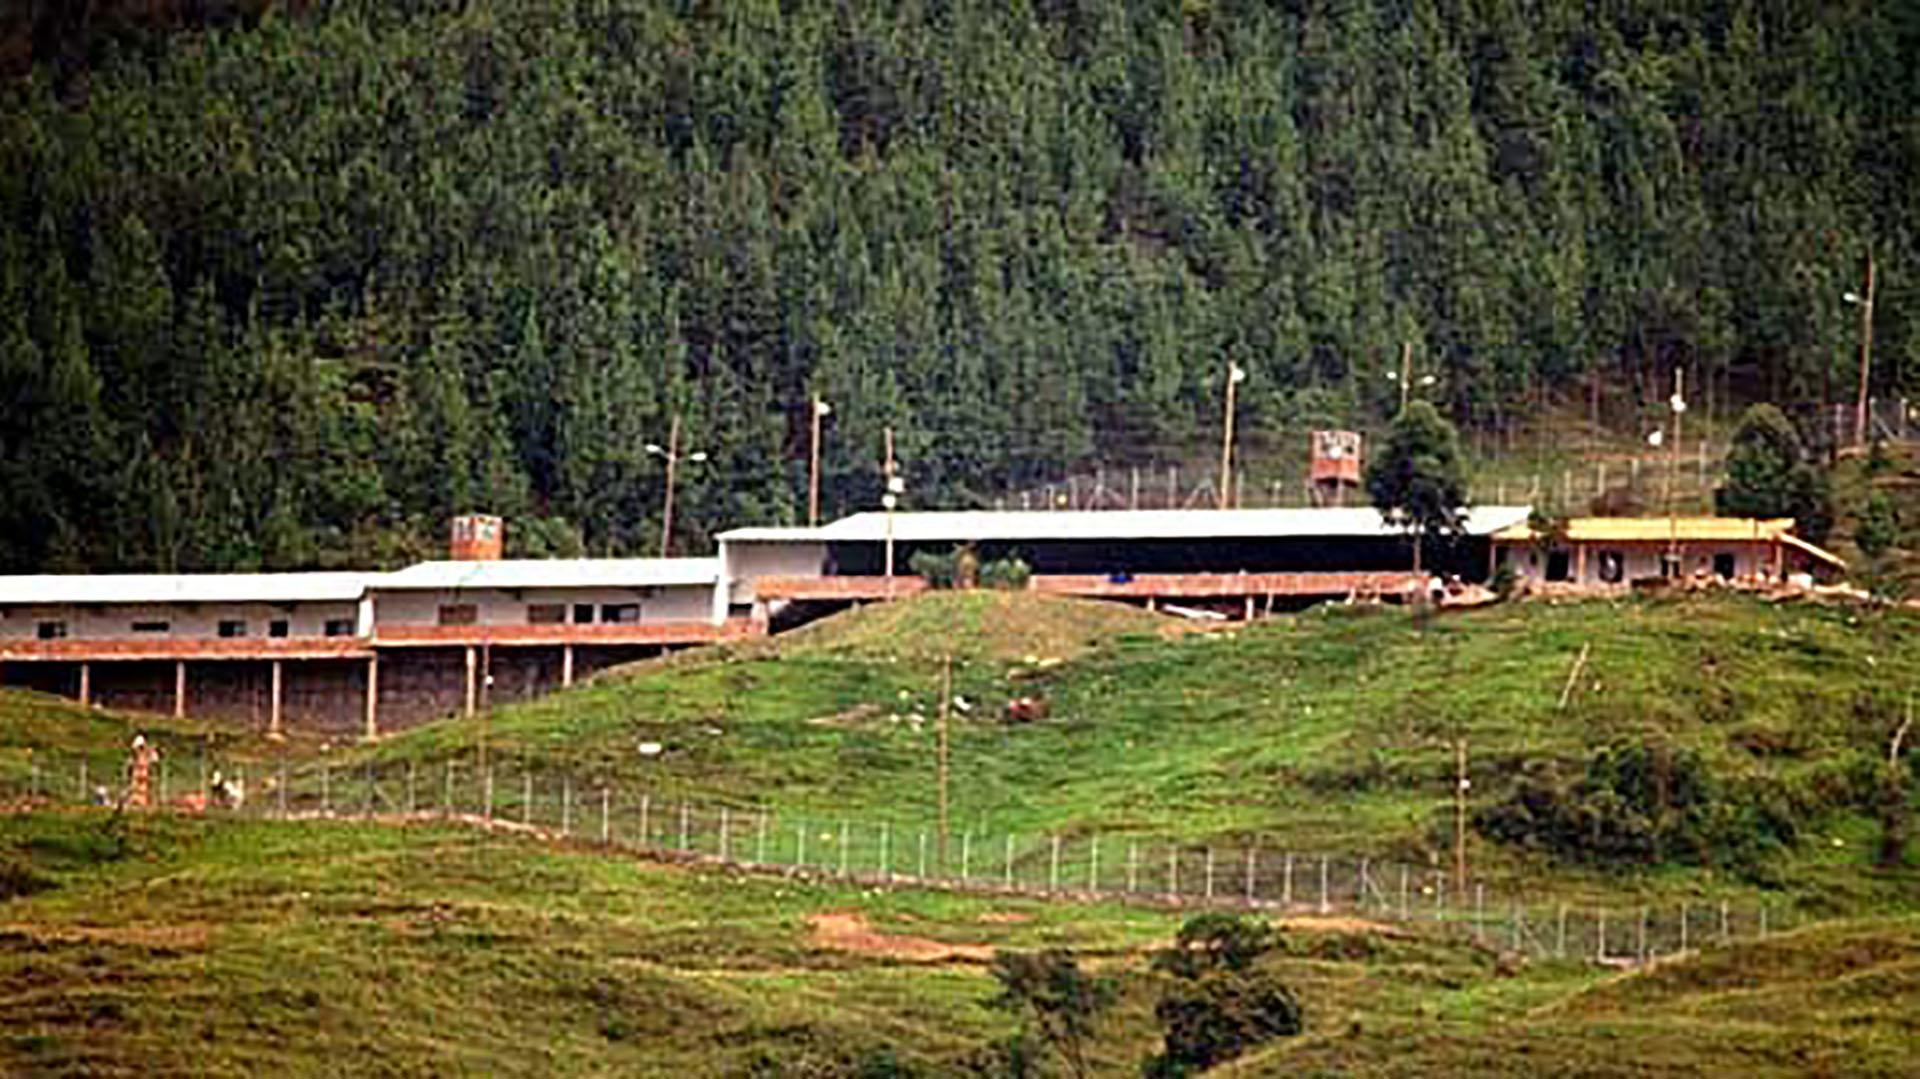 La Catedral, una cárcel mandada a construir por Pablo Escobar